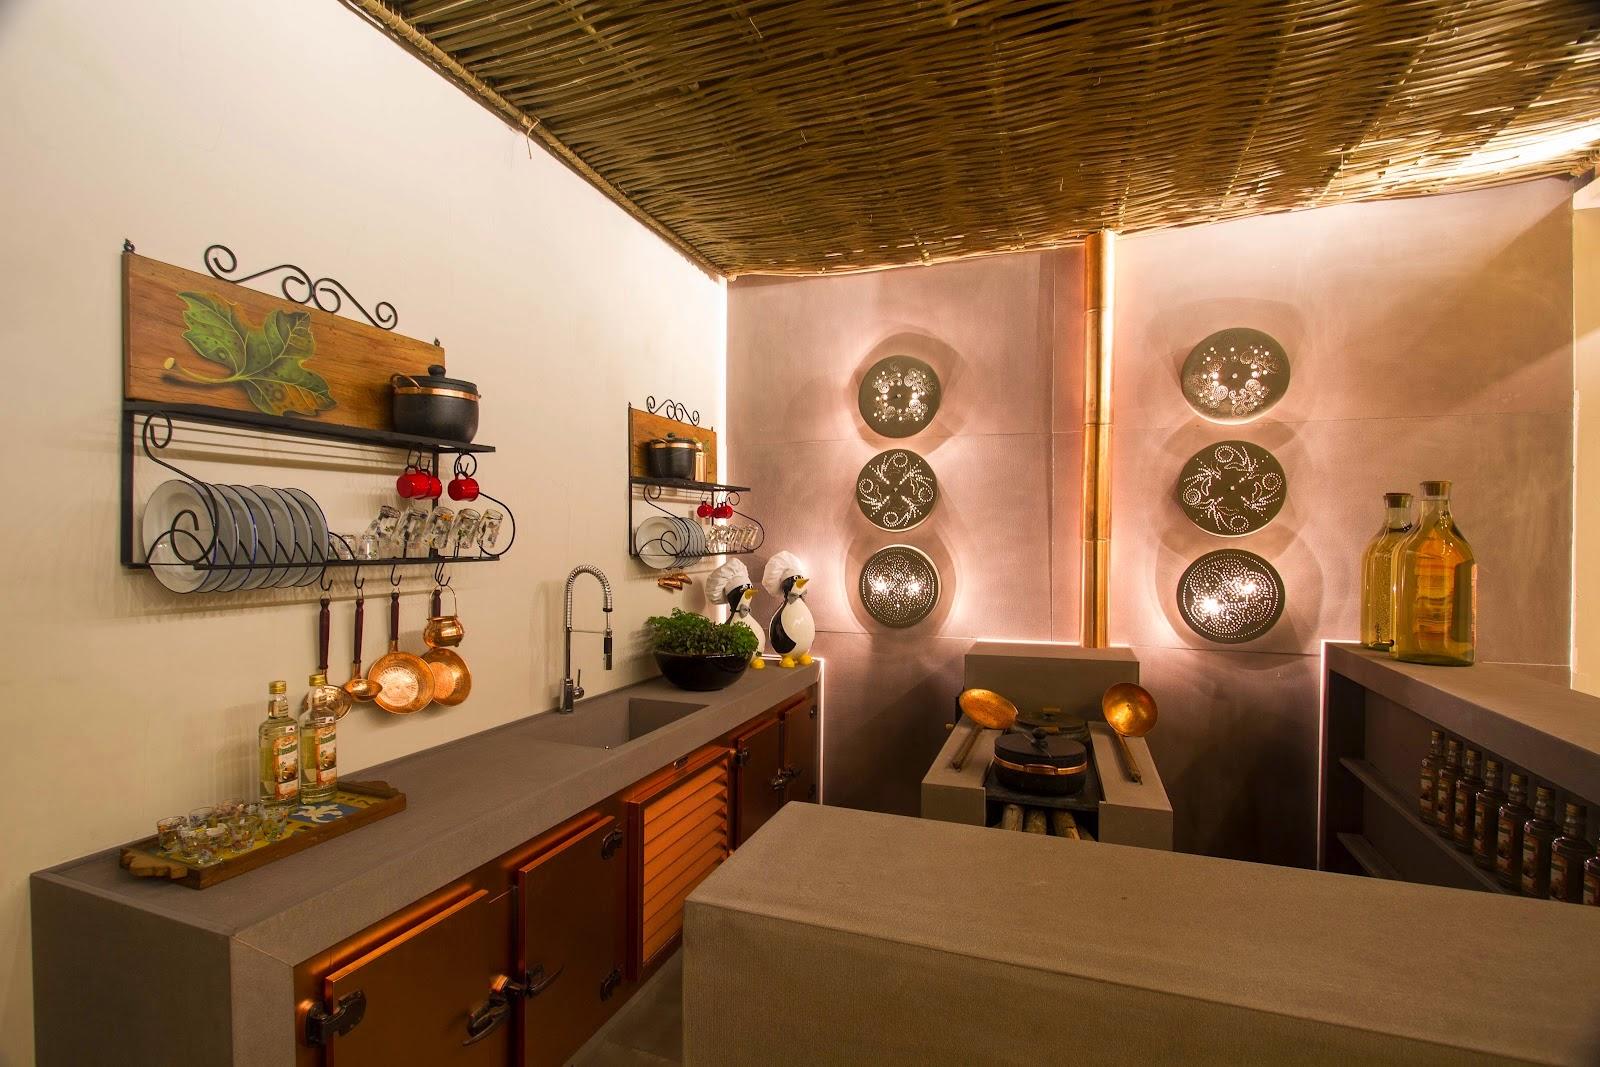 Fogão a lenha veja lindos modelos em cozinhas modernas e caipiras  #C68105 1600 1067